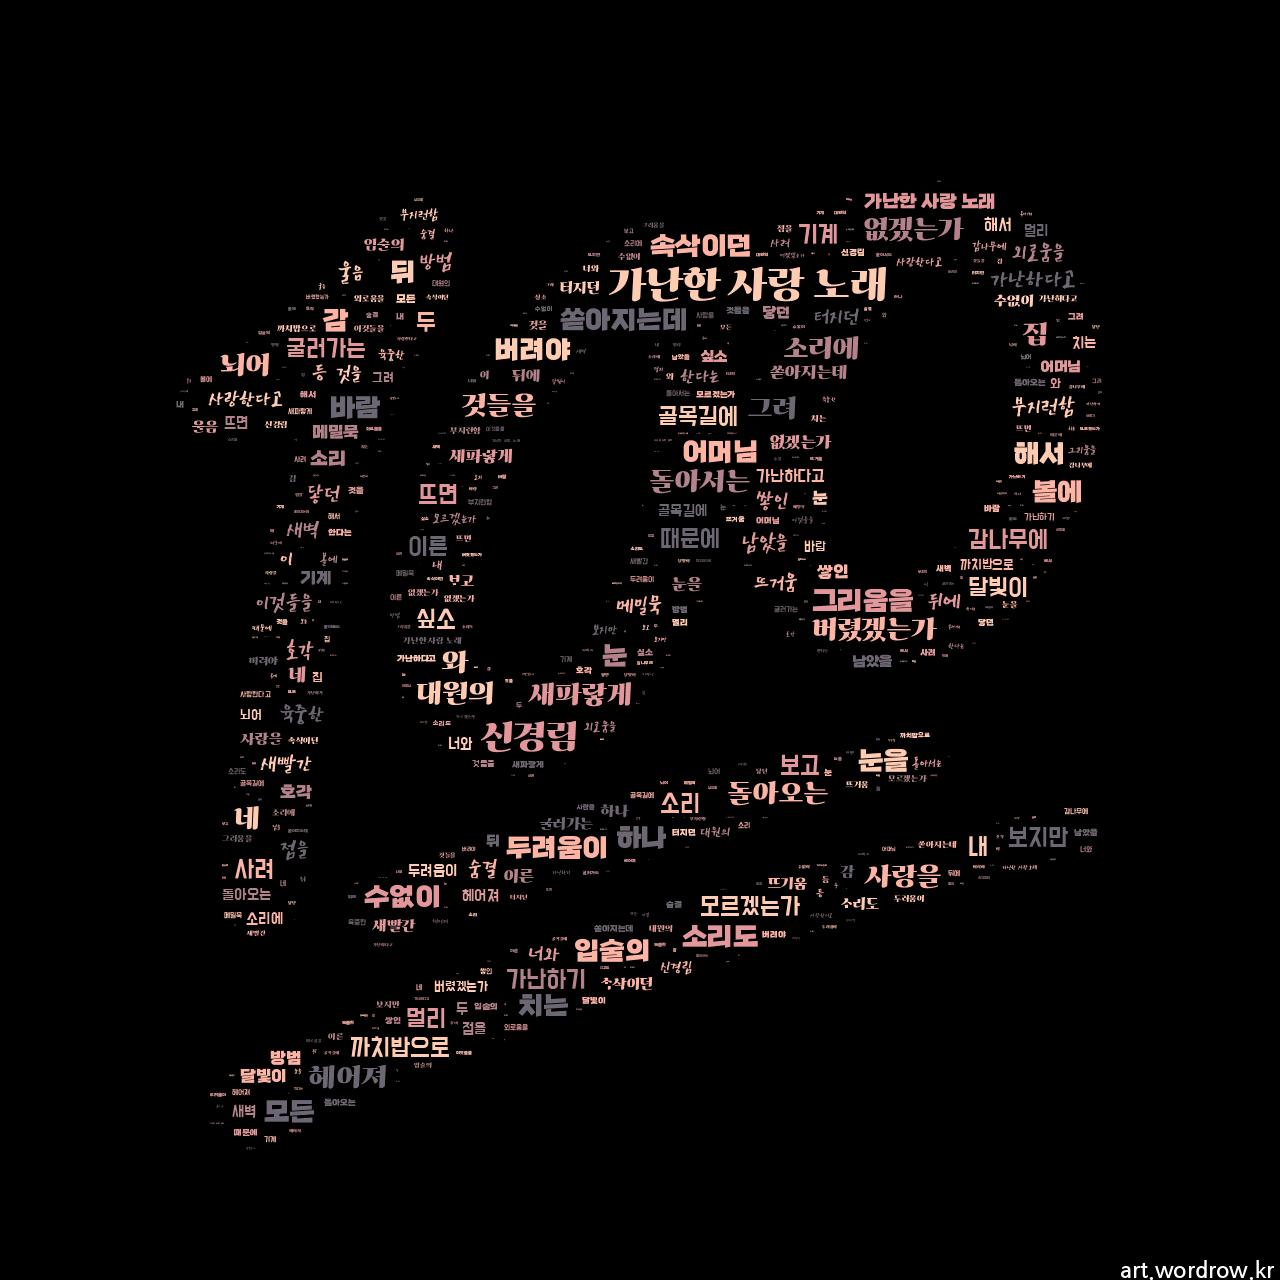 워드 아트: 가난한 사랑 노래 [신경림]-4